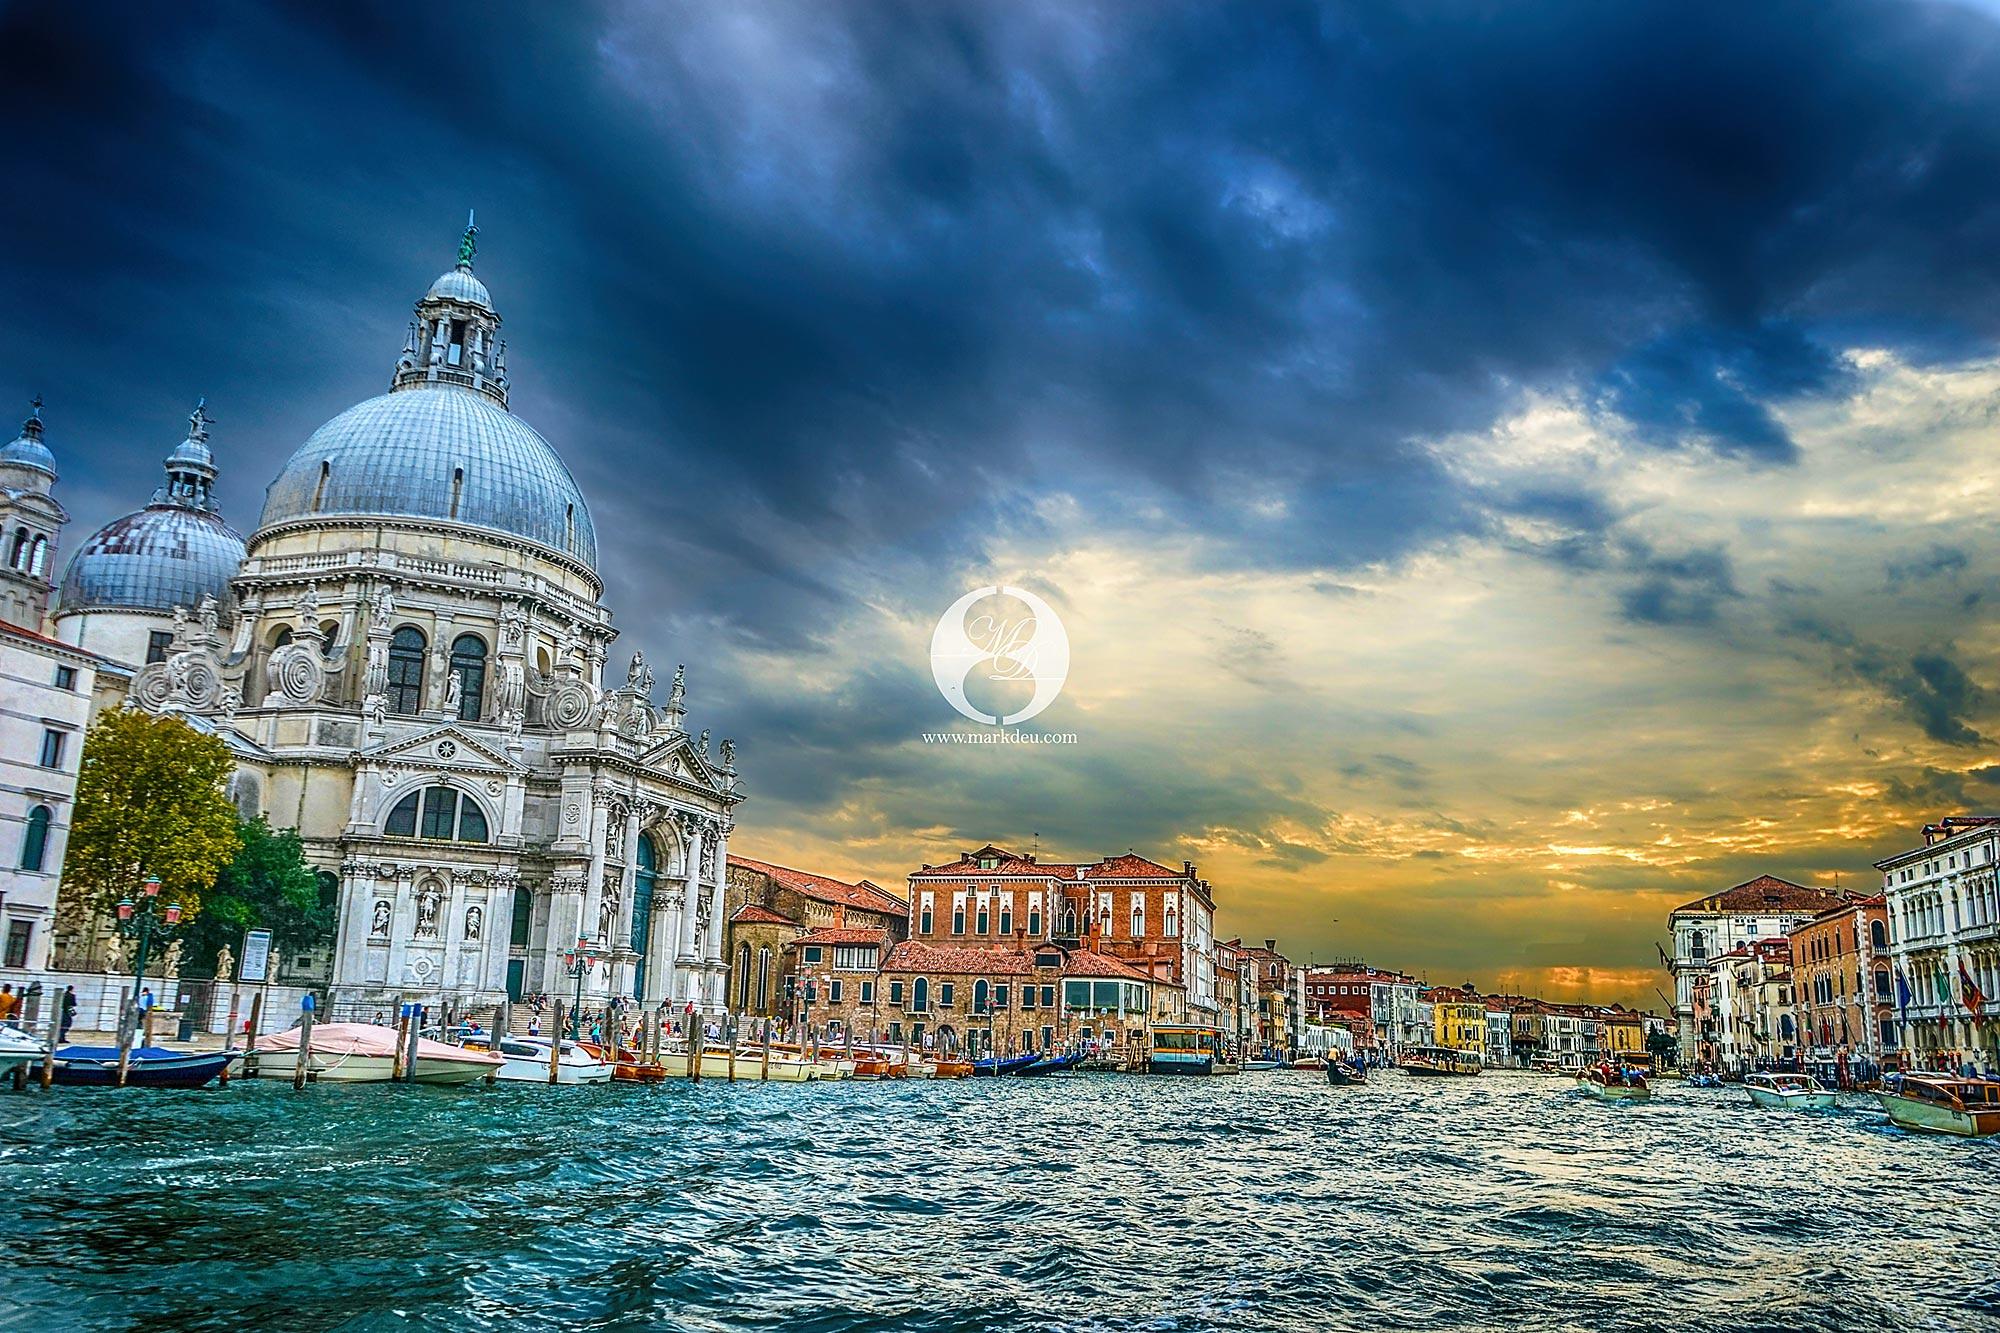 Venedig Sehenswürdigkeiten Sonnenuntergang